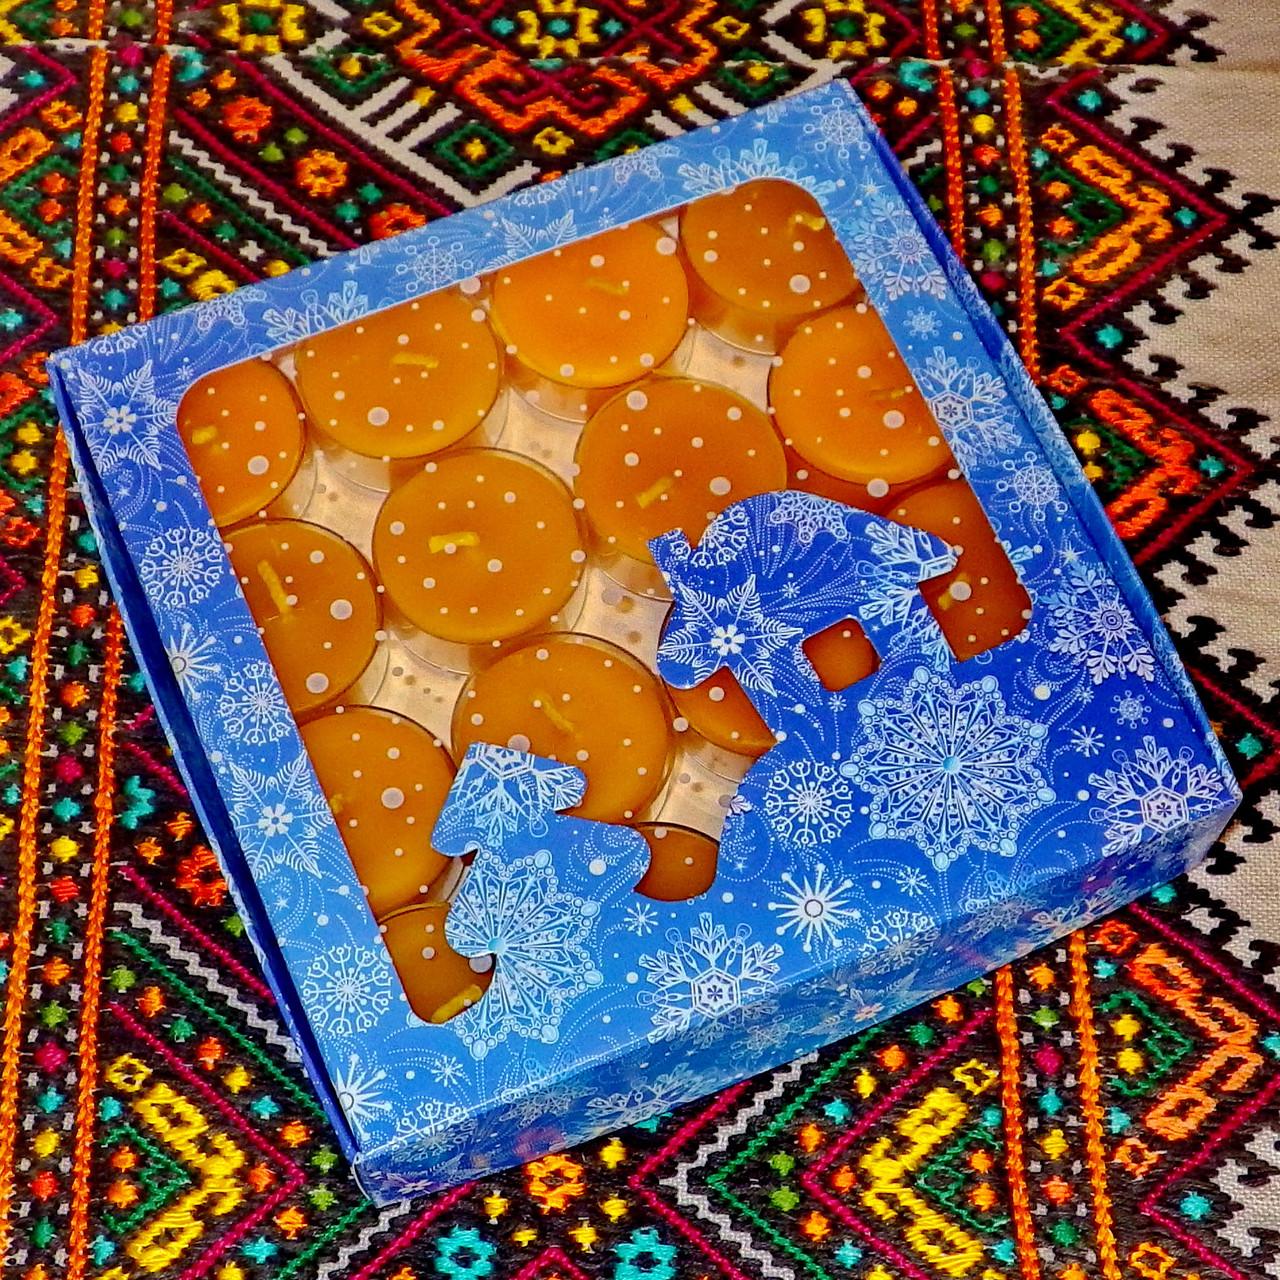 Подарочный набор круглых чайных восковых свечей 15г (16шт.) в коробке Синий Домик